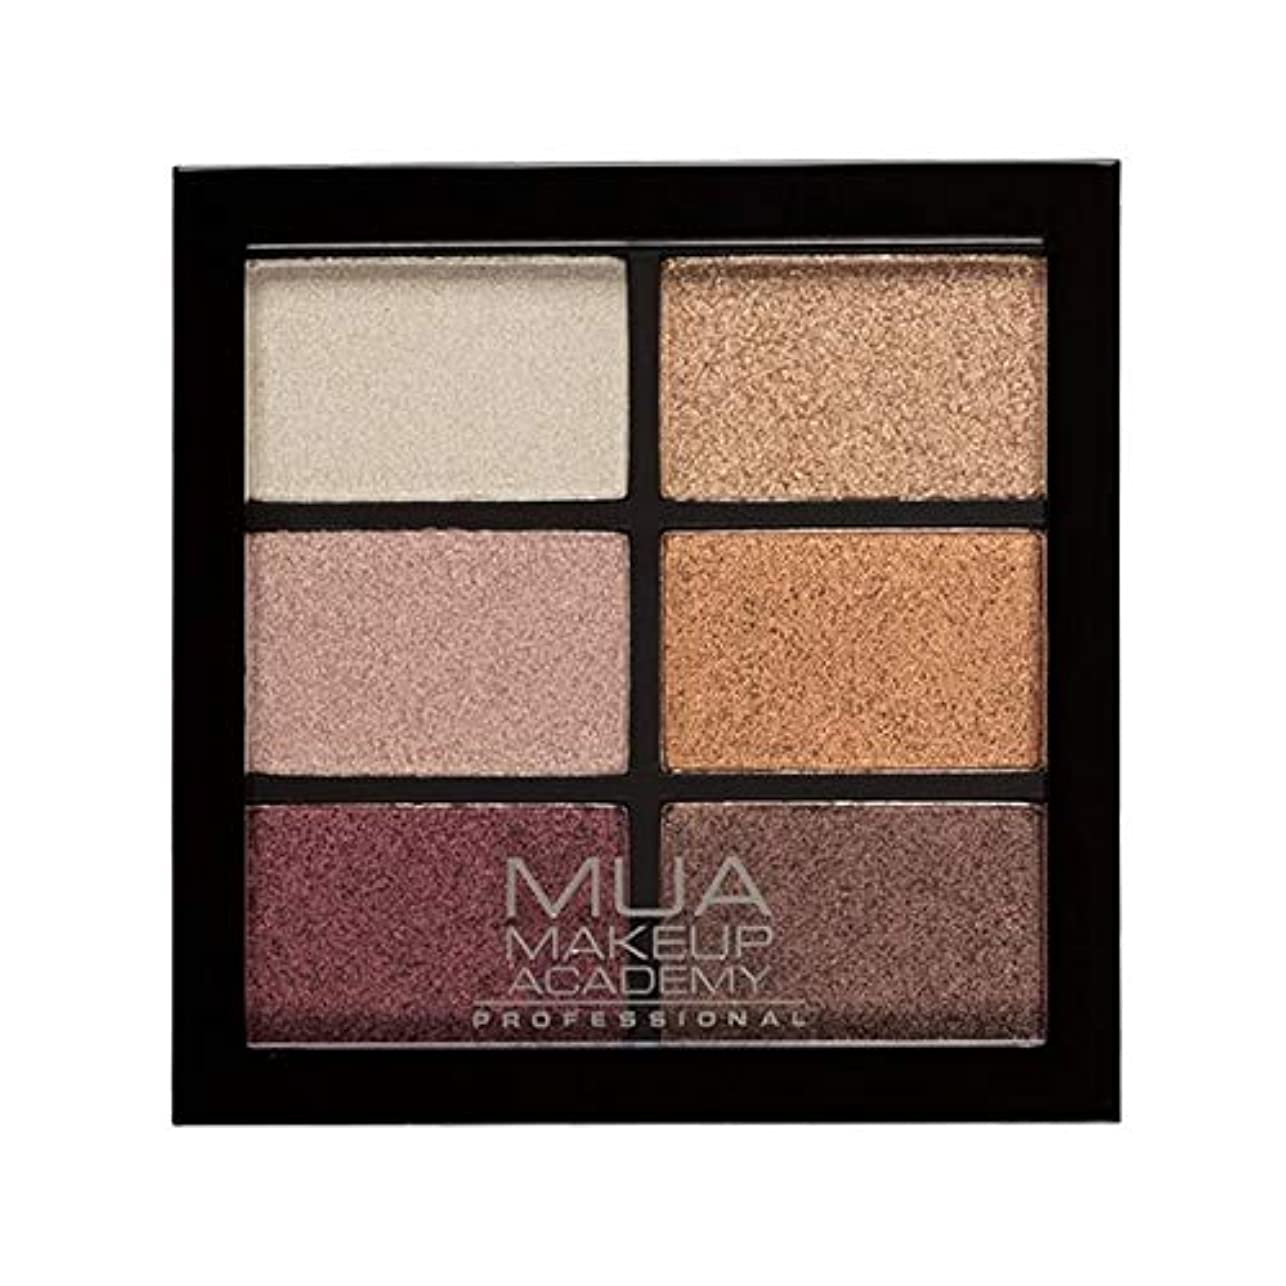 装置電子ショップ[MUA] Muaプロ6日陰パレット錆びた不思議 - MUA Professional 6 Shade Palette Rusted Wonders [並行輸入品]